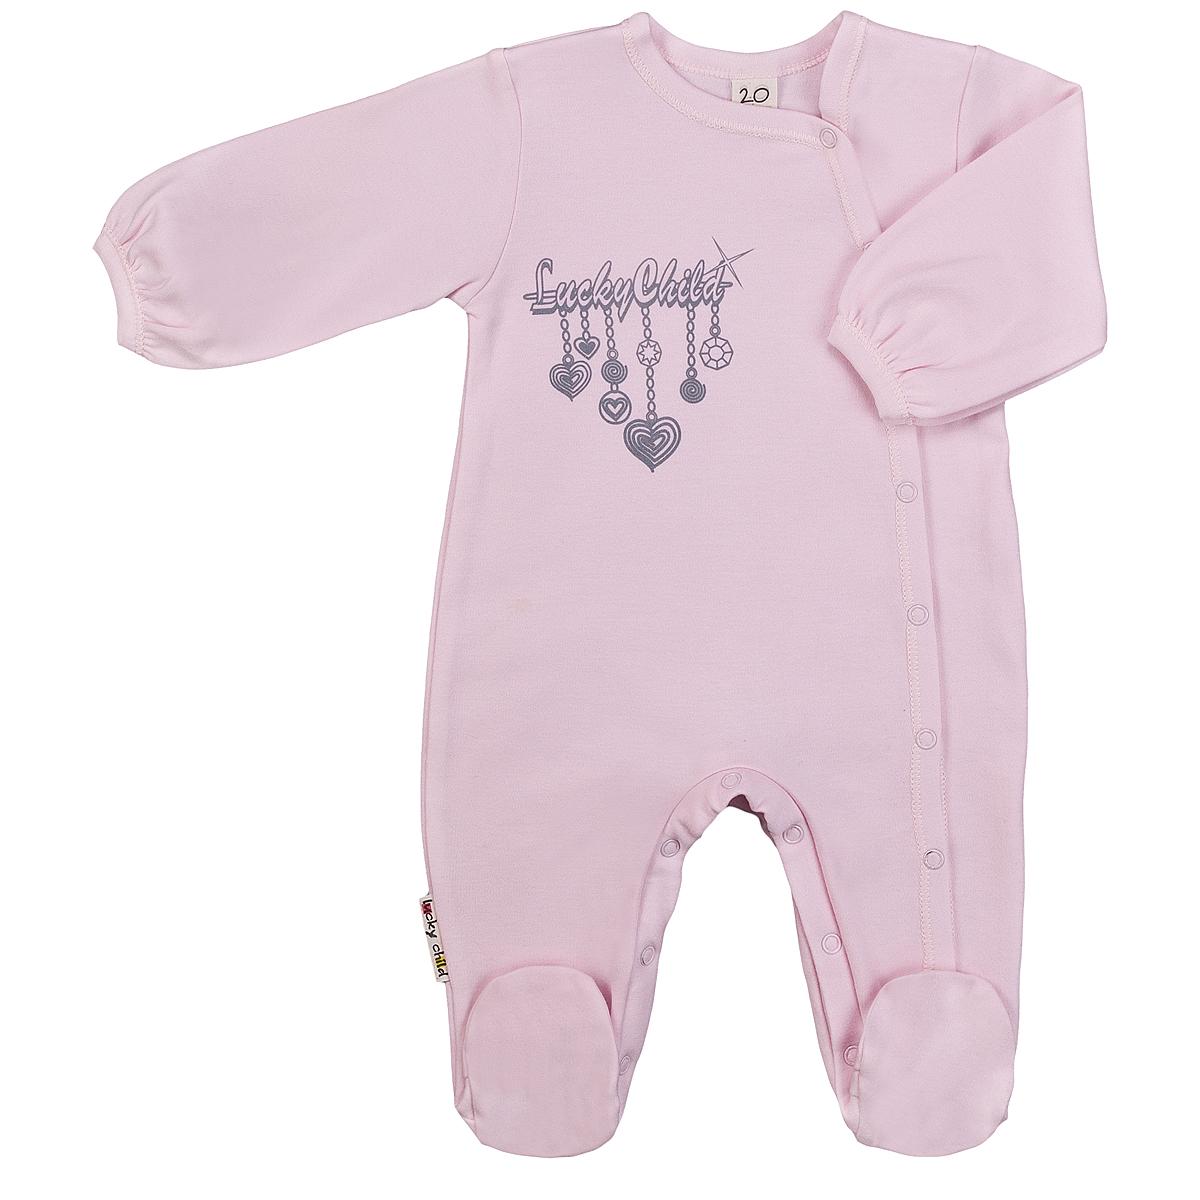 Комбинезон для девочки Lucky Child Брошь, цвет: розовый. 2-16. Размер 74/80 пижама для девочки lucky child цвет кремовый желтый оранжевый 12 402 размер 80 86